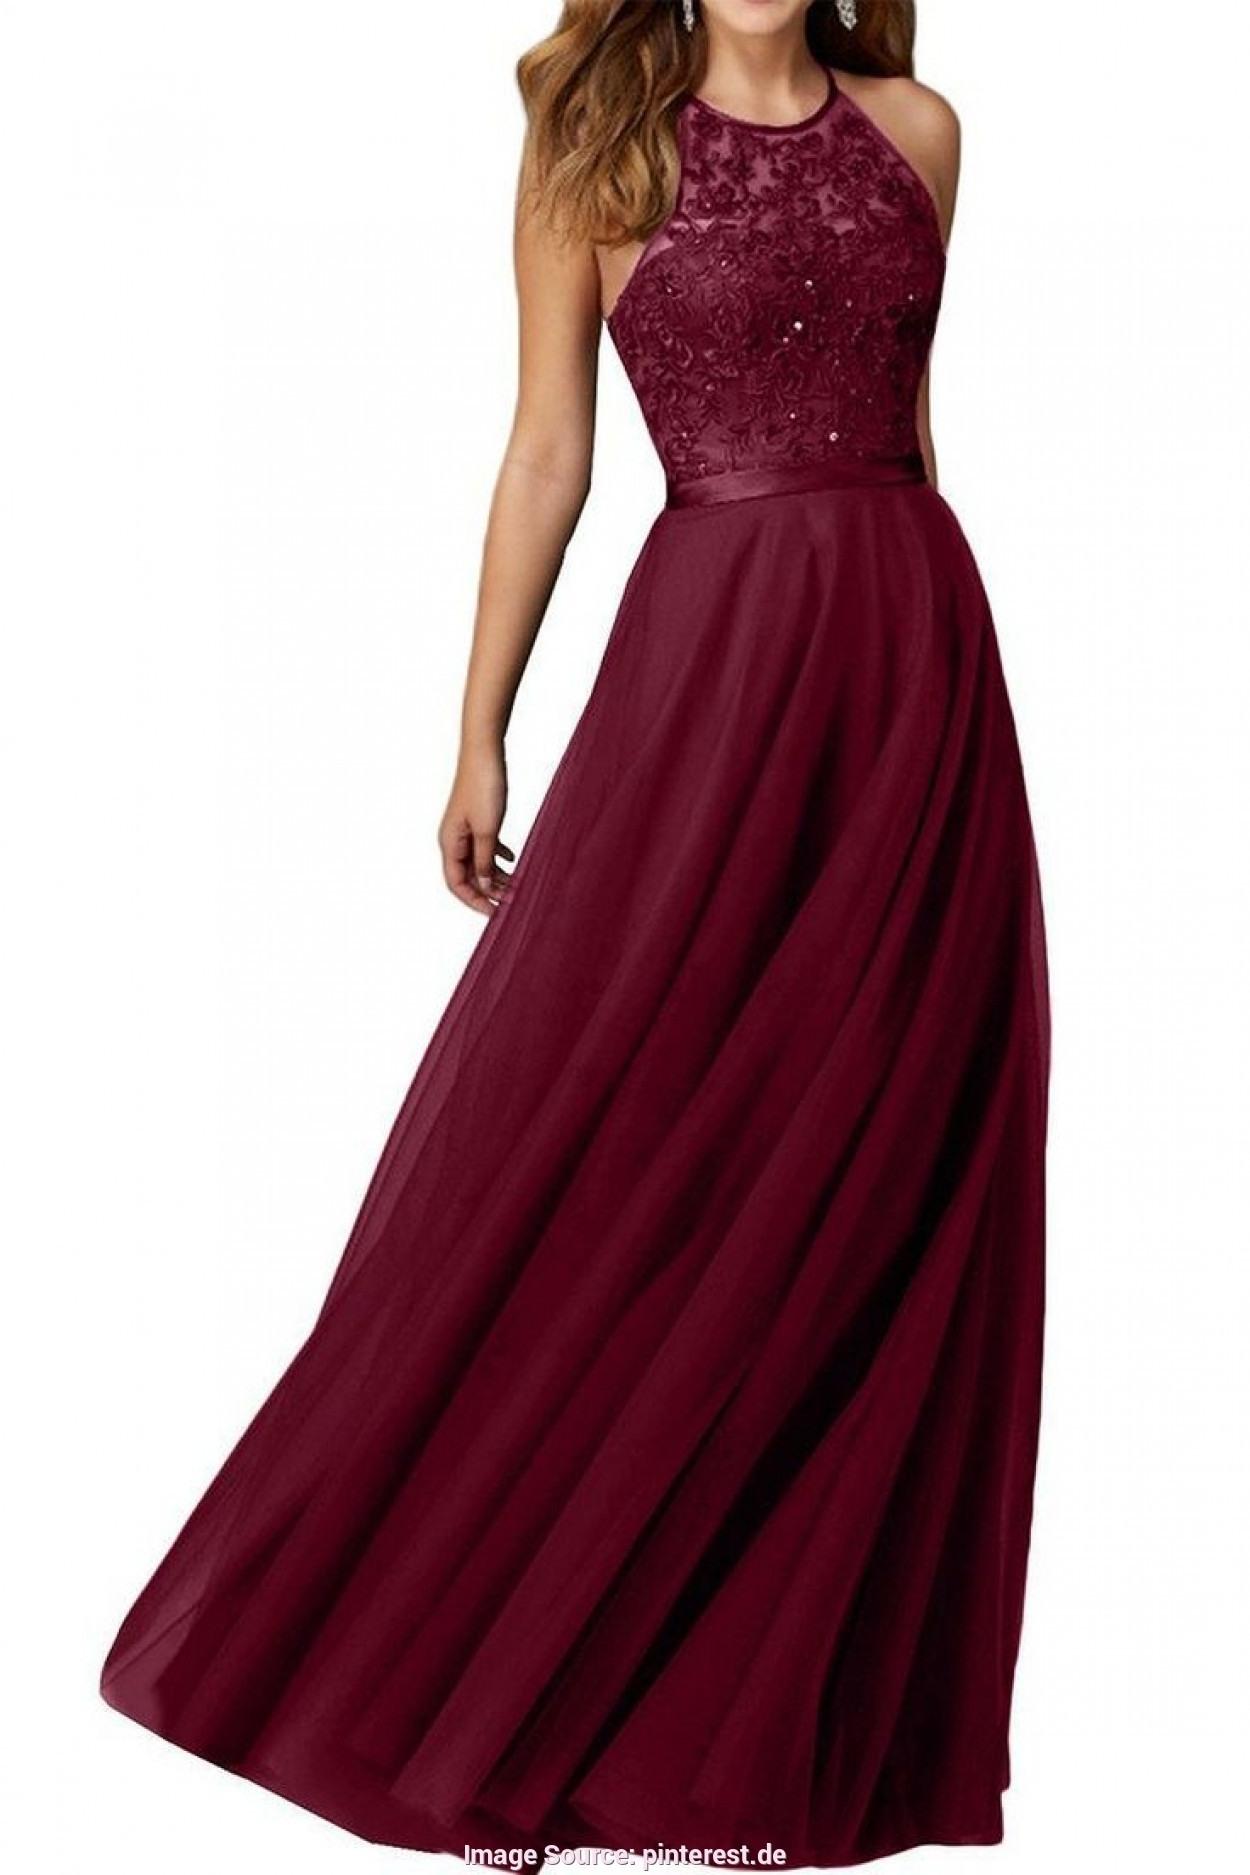 13 Genial Kleid Lang Festlich für 201910 Elegant Kleid Lang Festlich Bester Preis